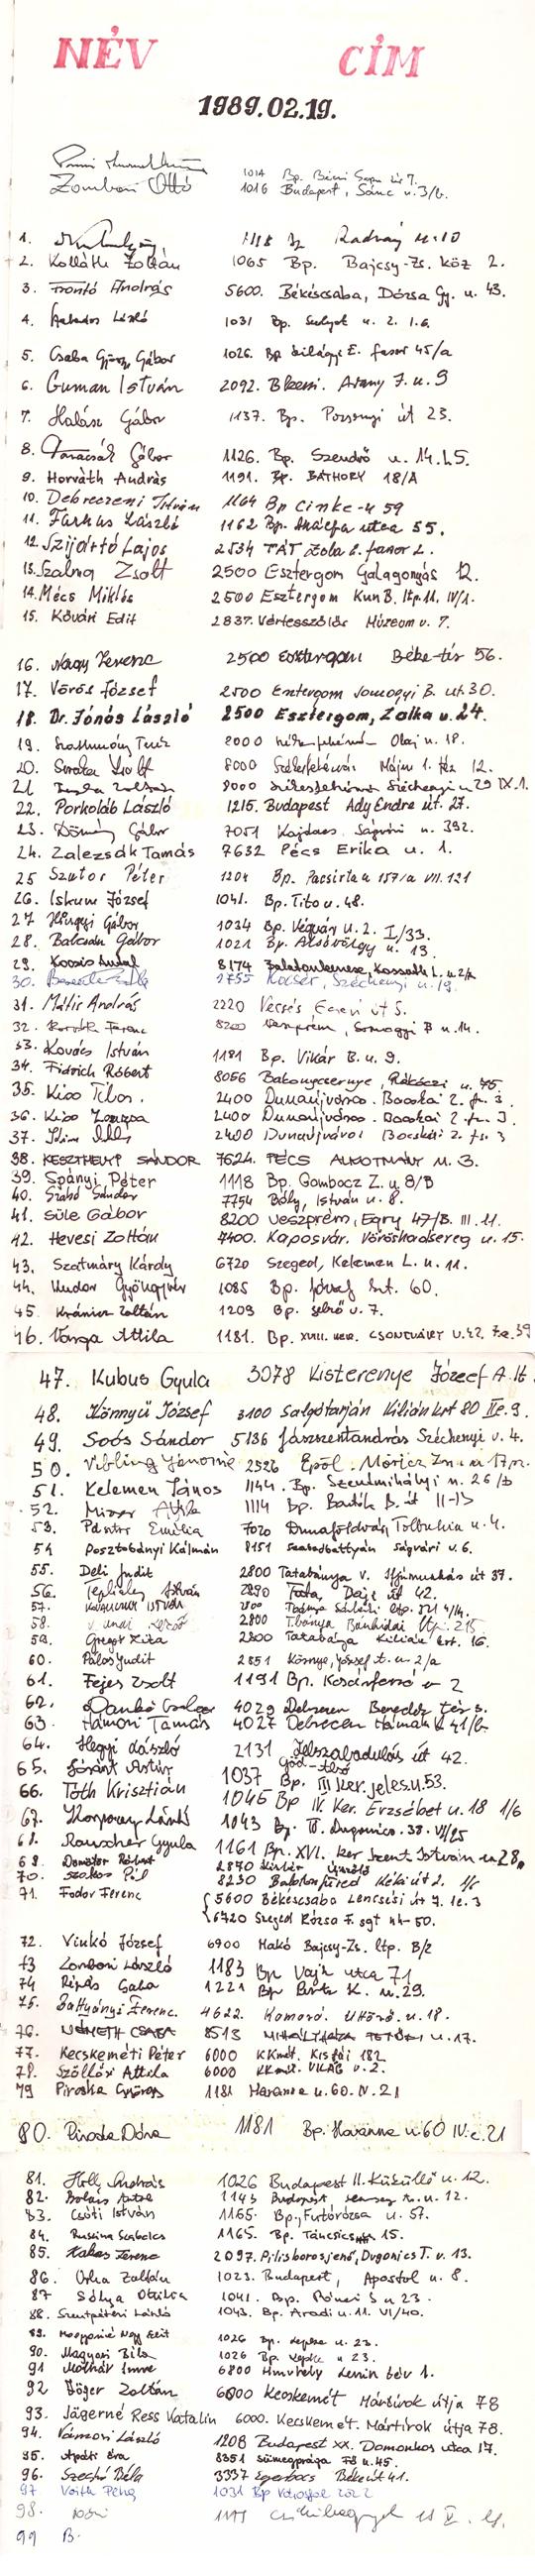 A MCSE vendégkönyvébe 98-an írták be nevüket 1989. február 19-én. Közülük 80-an váltak MCSE-taggá.